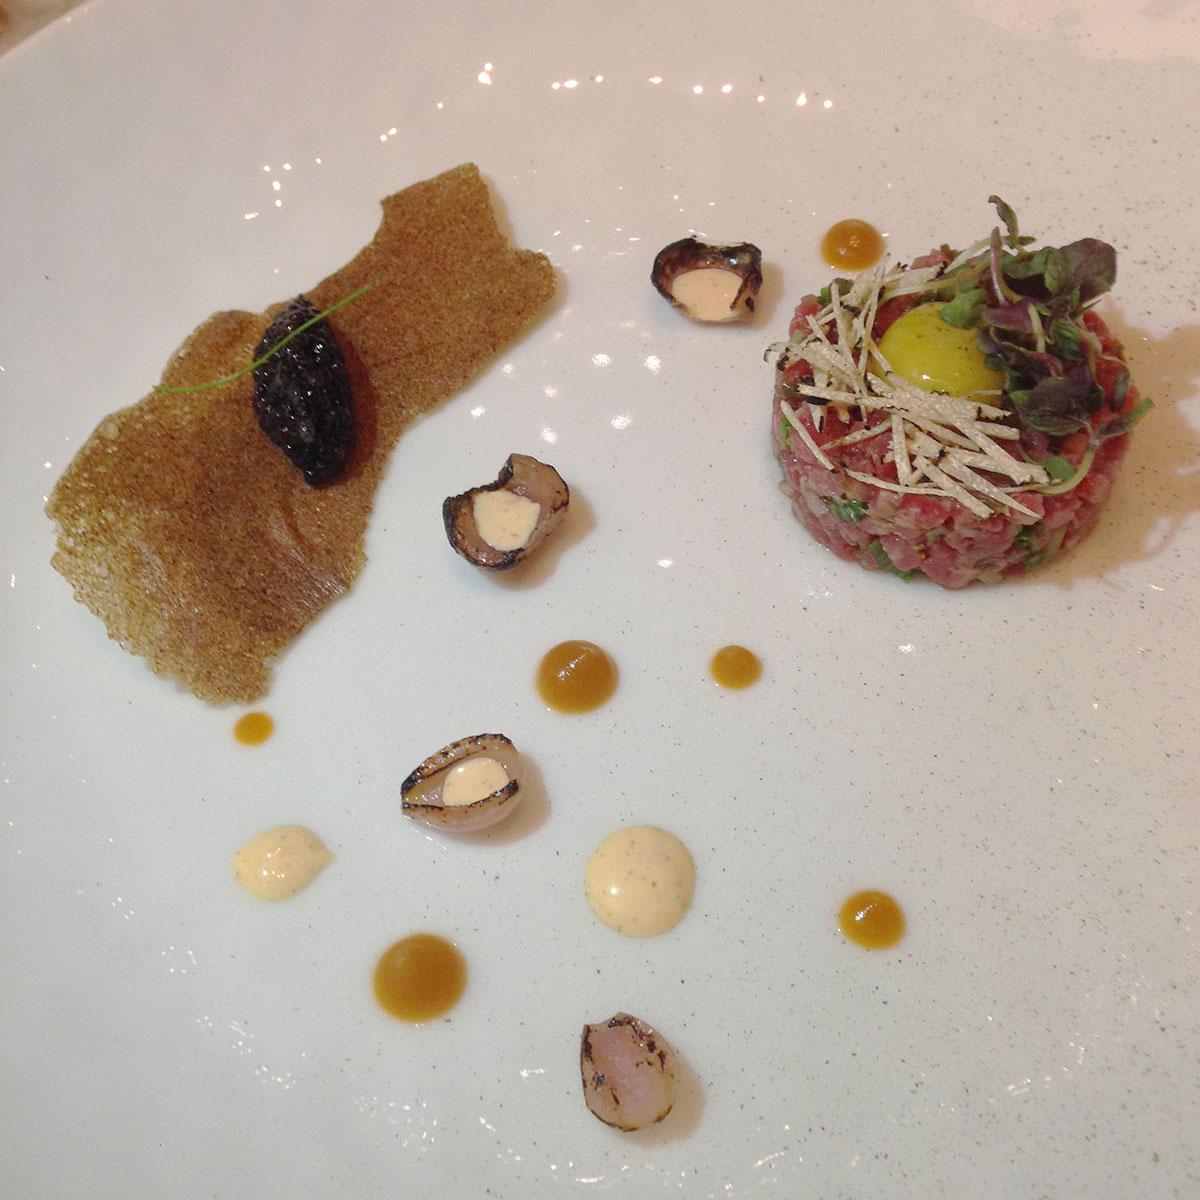 Caviar-Russe-Miami-Steak-tartare